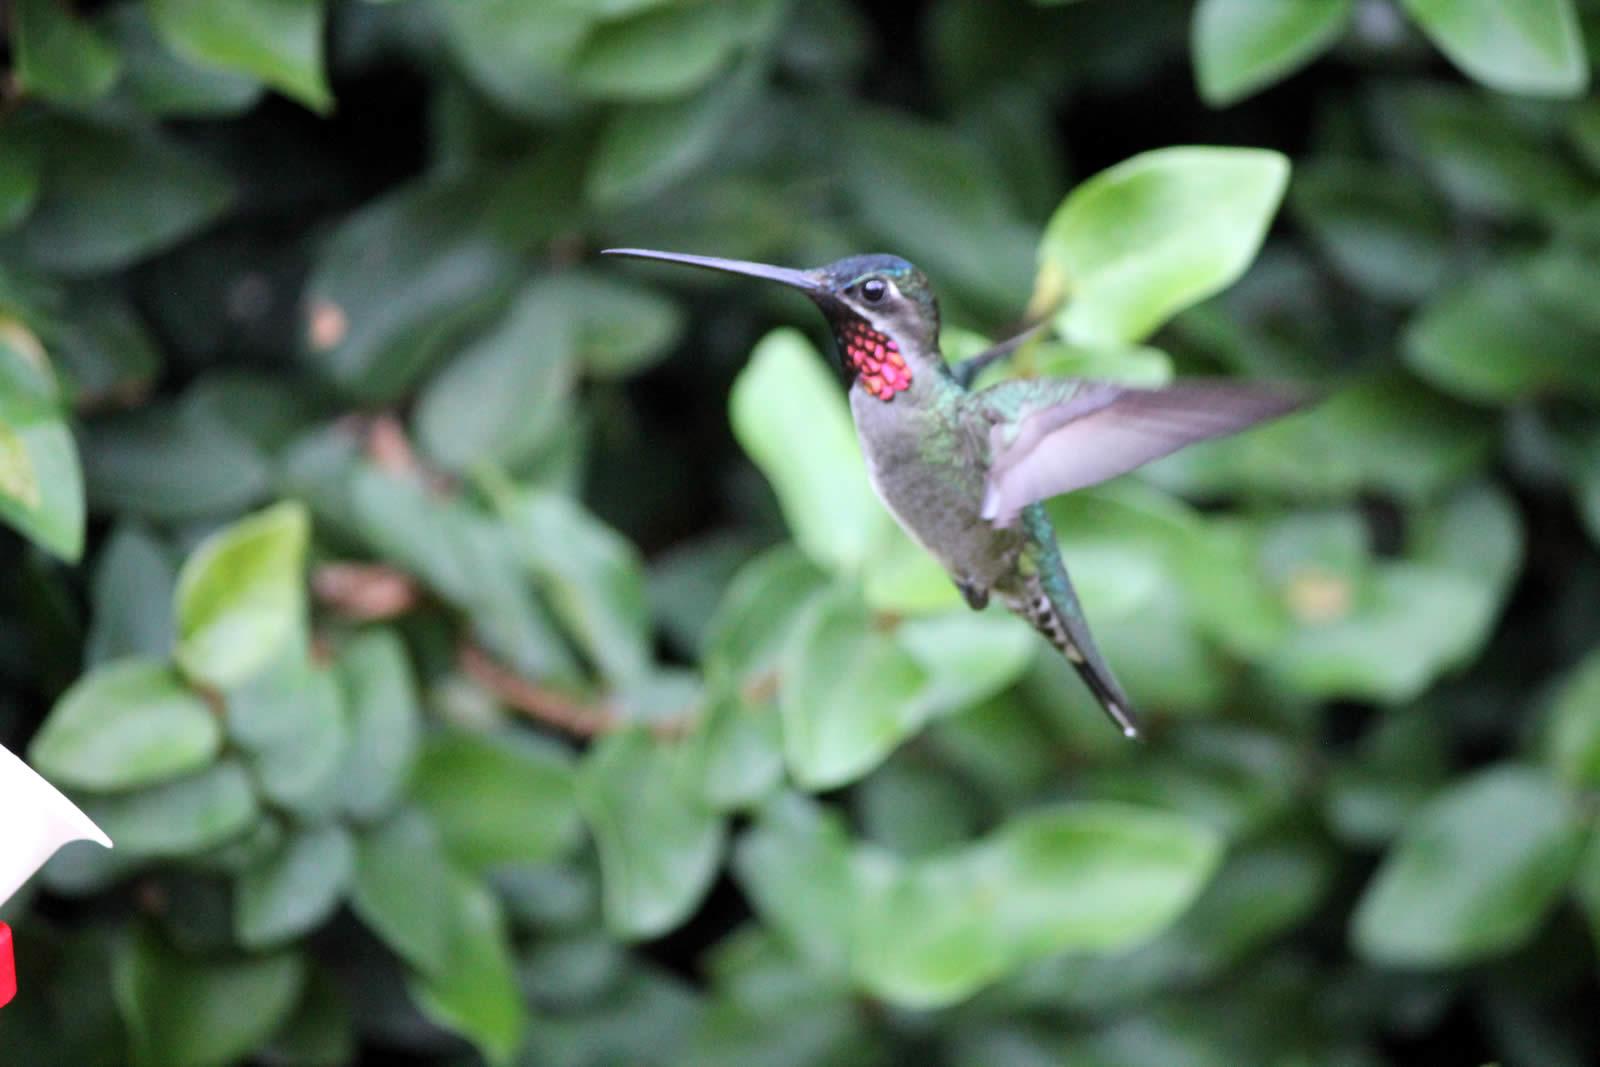 Experience Life Outdoors in Trinidad & Tobago